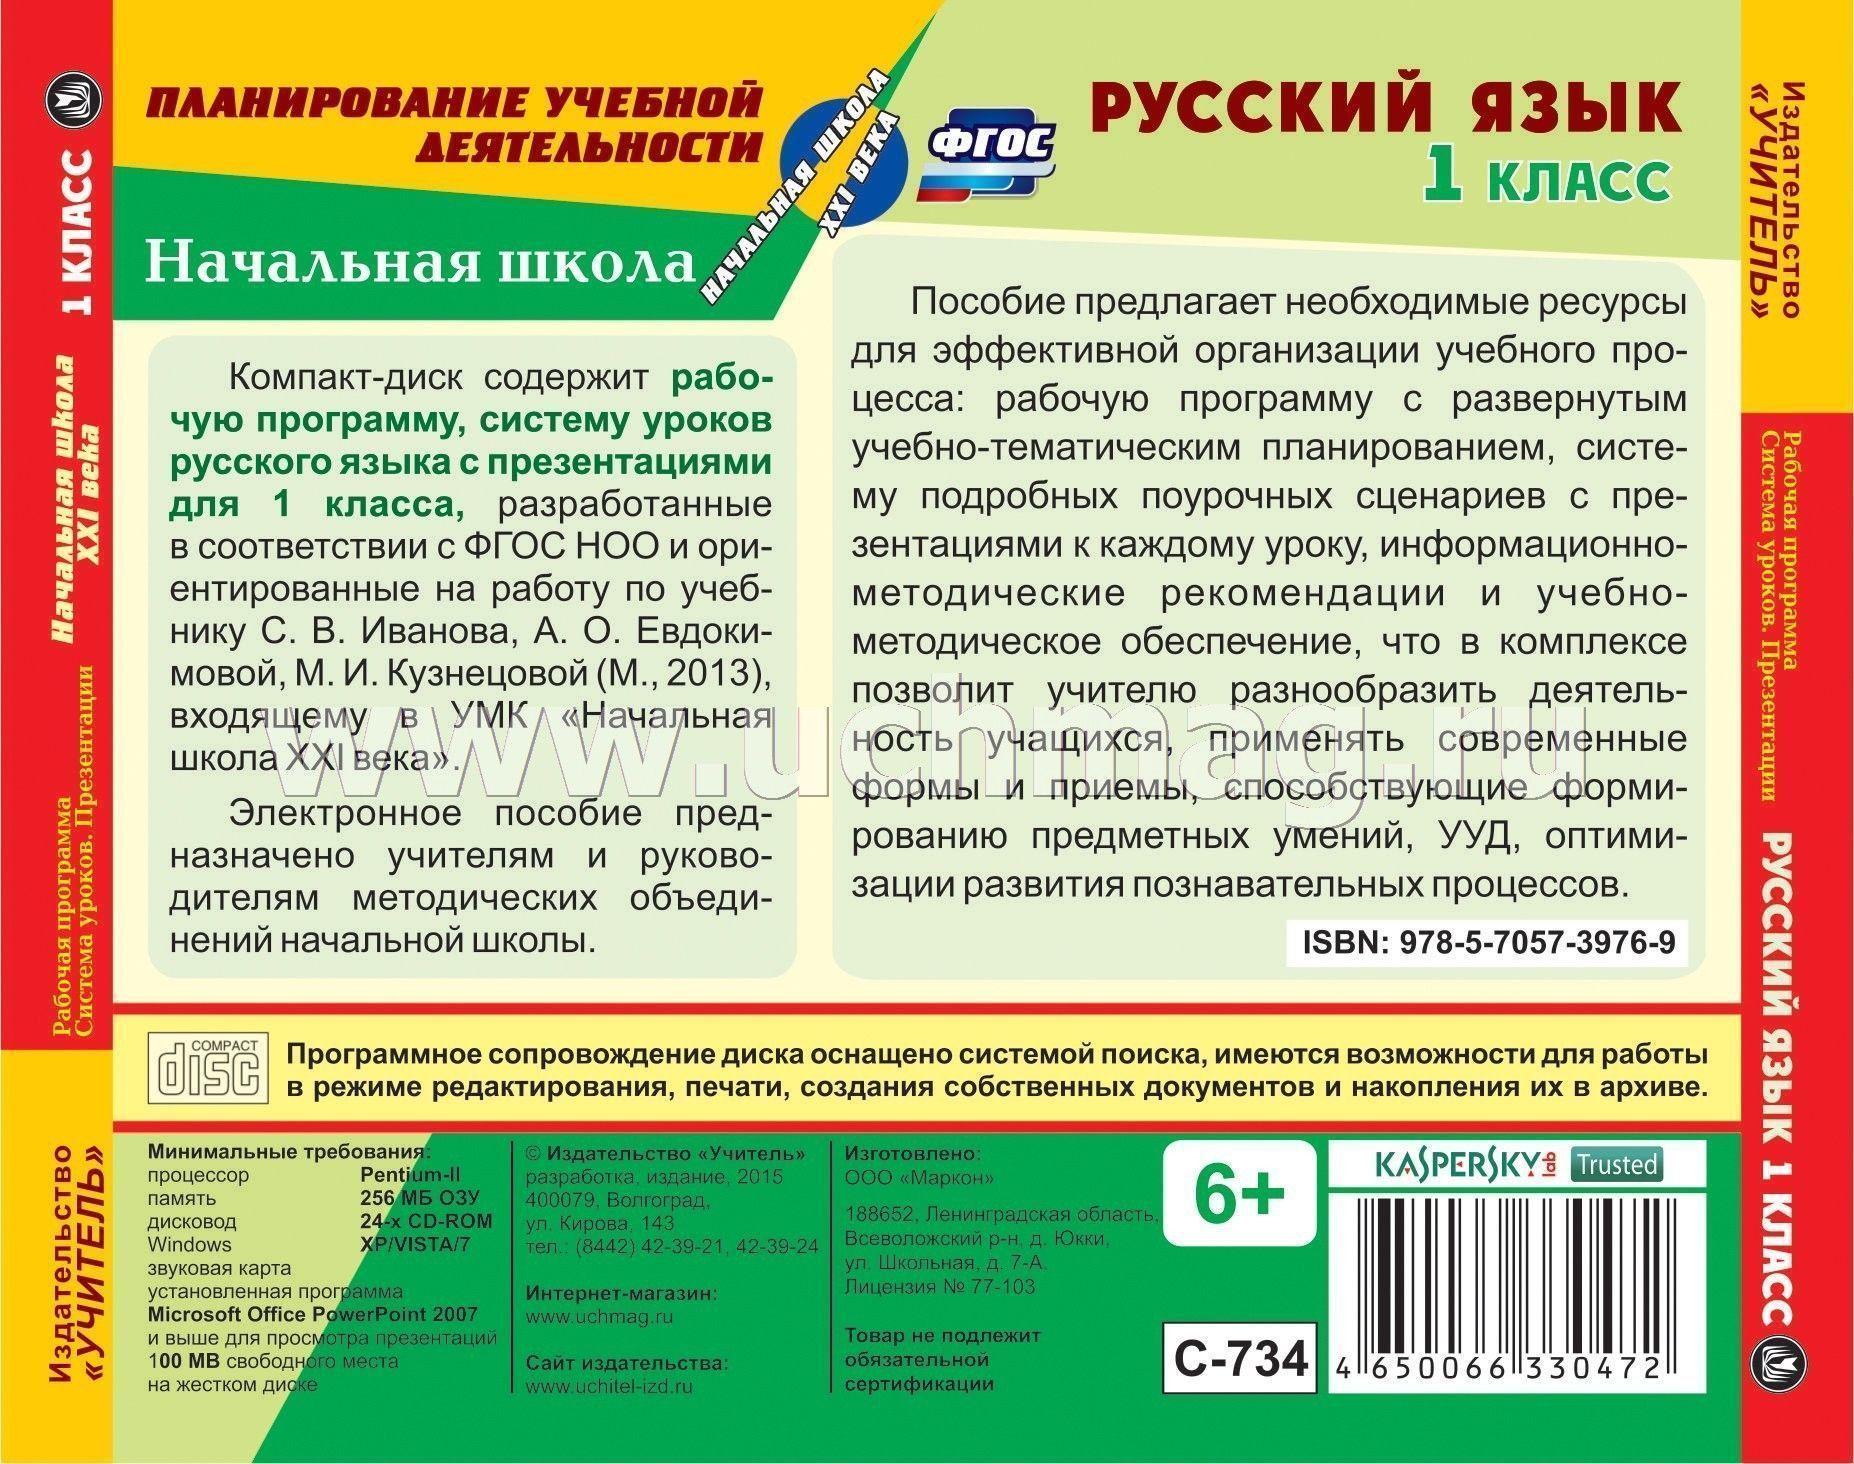 Русский язык 1 класс по программе школа 21 века